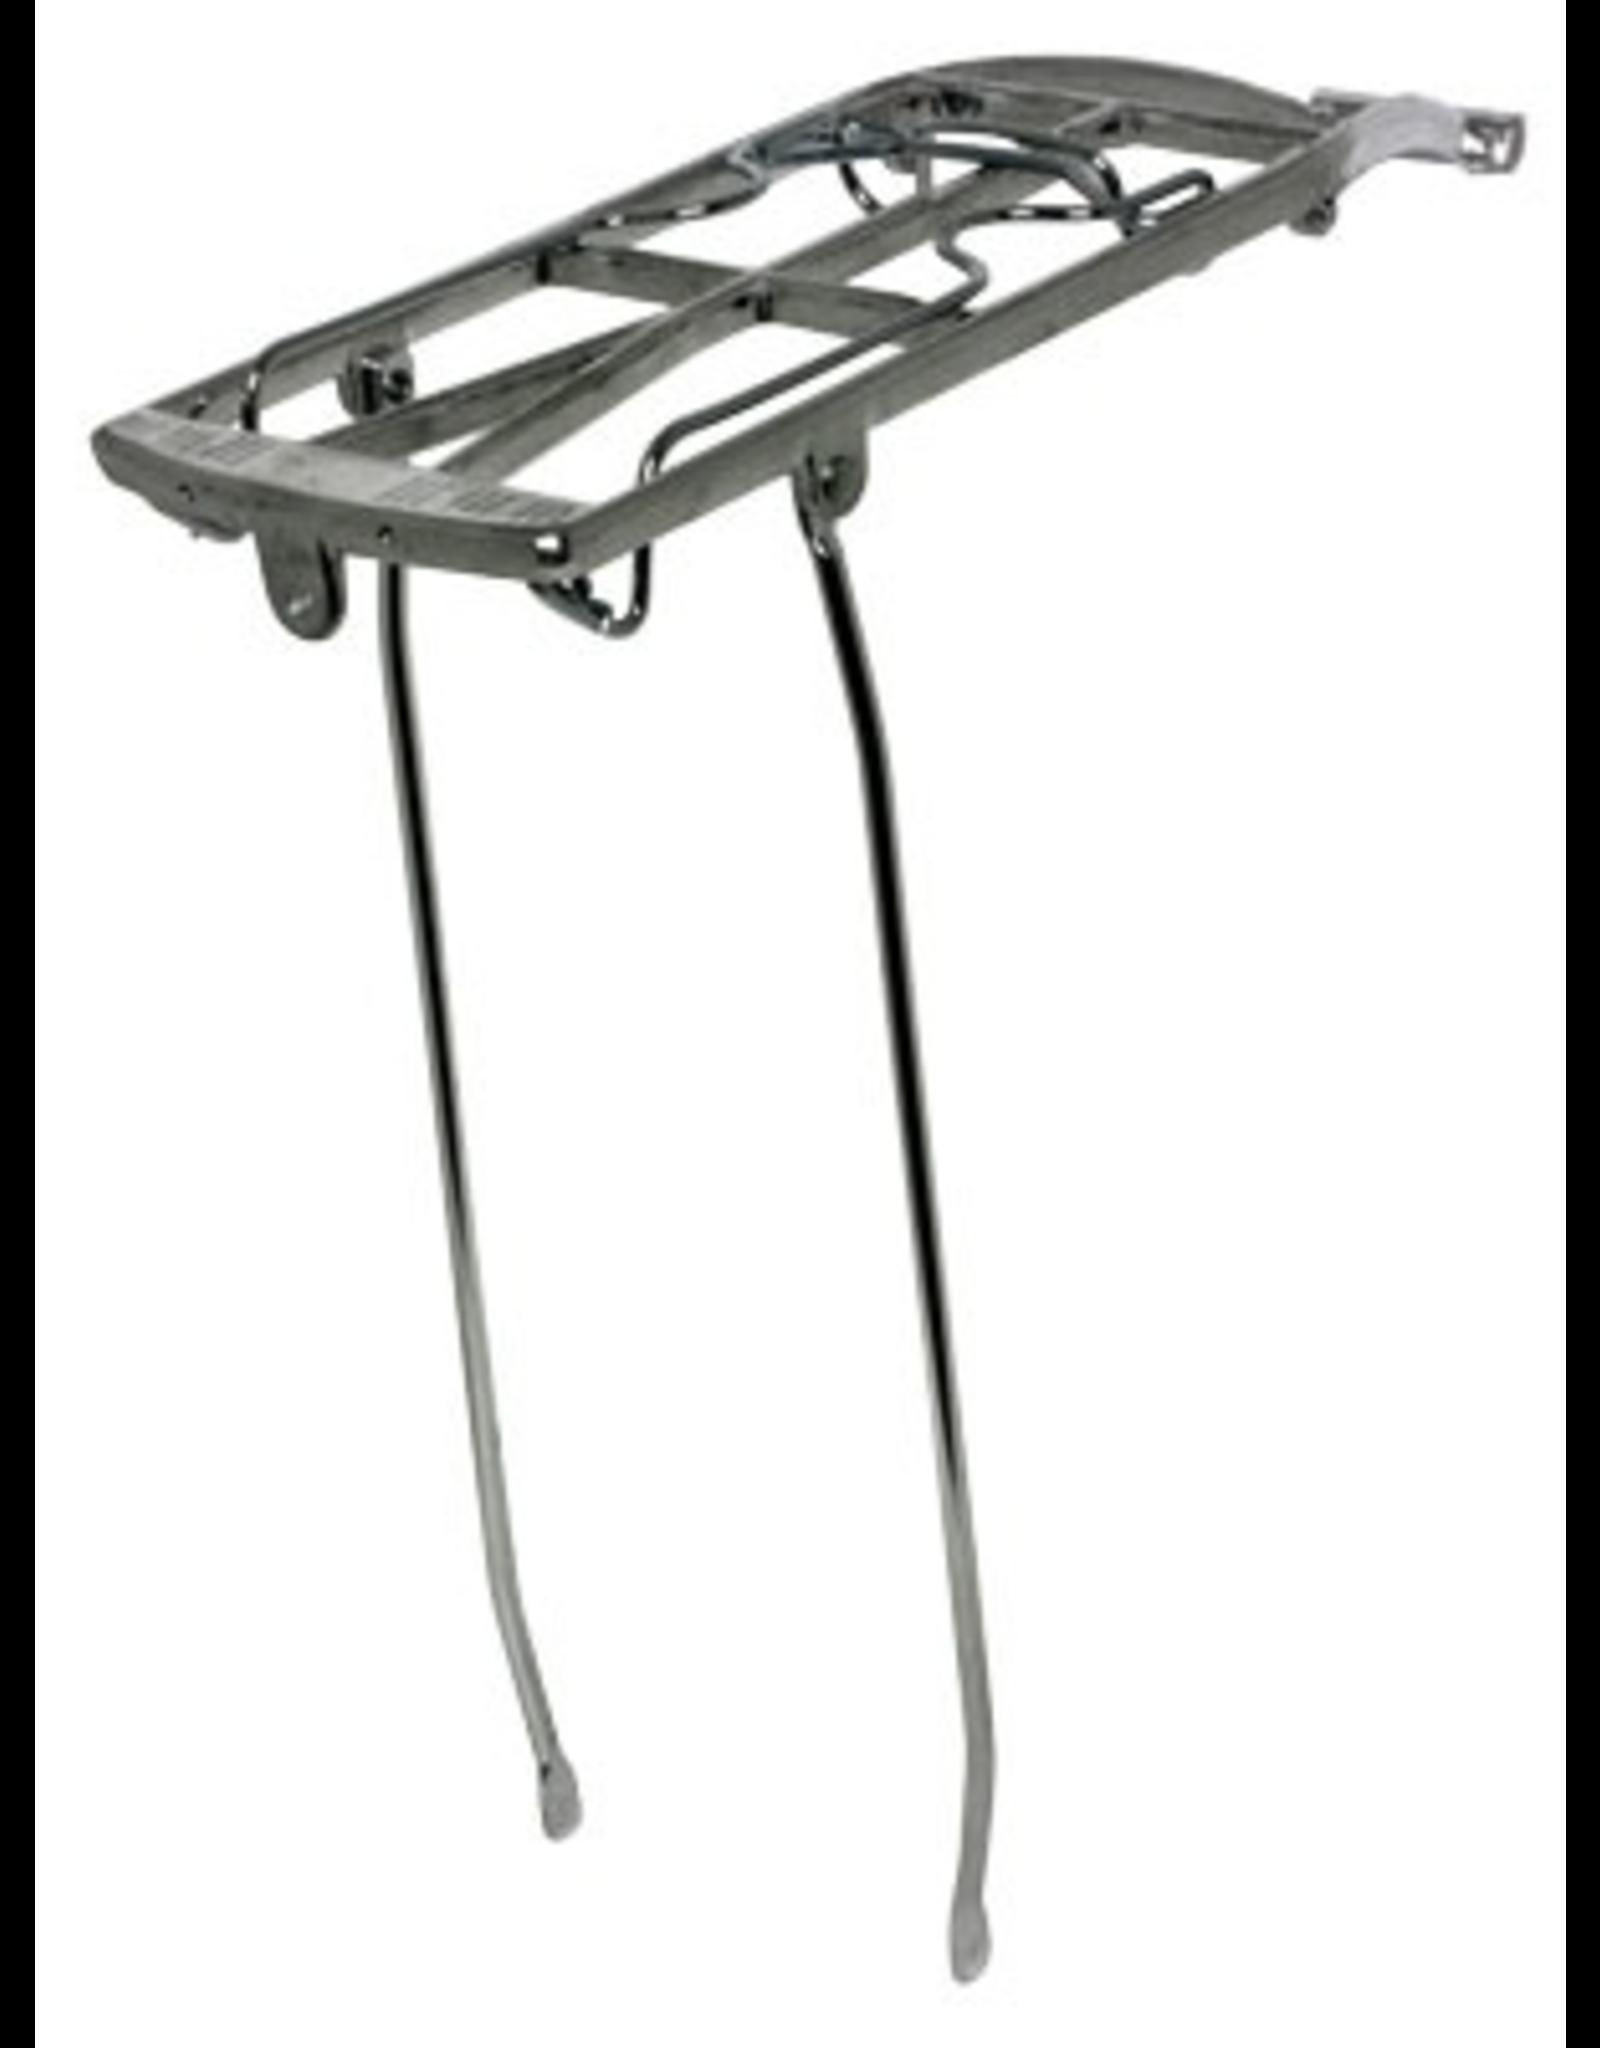 Sunlite Sunlite Rear Rack Alloy Springer - Silver